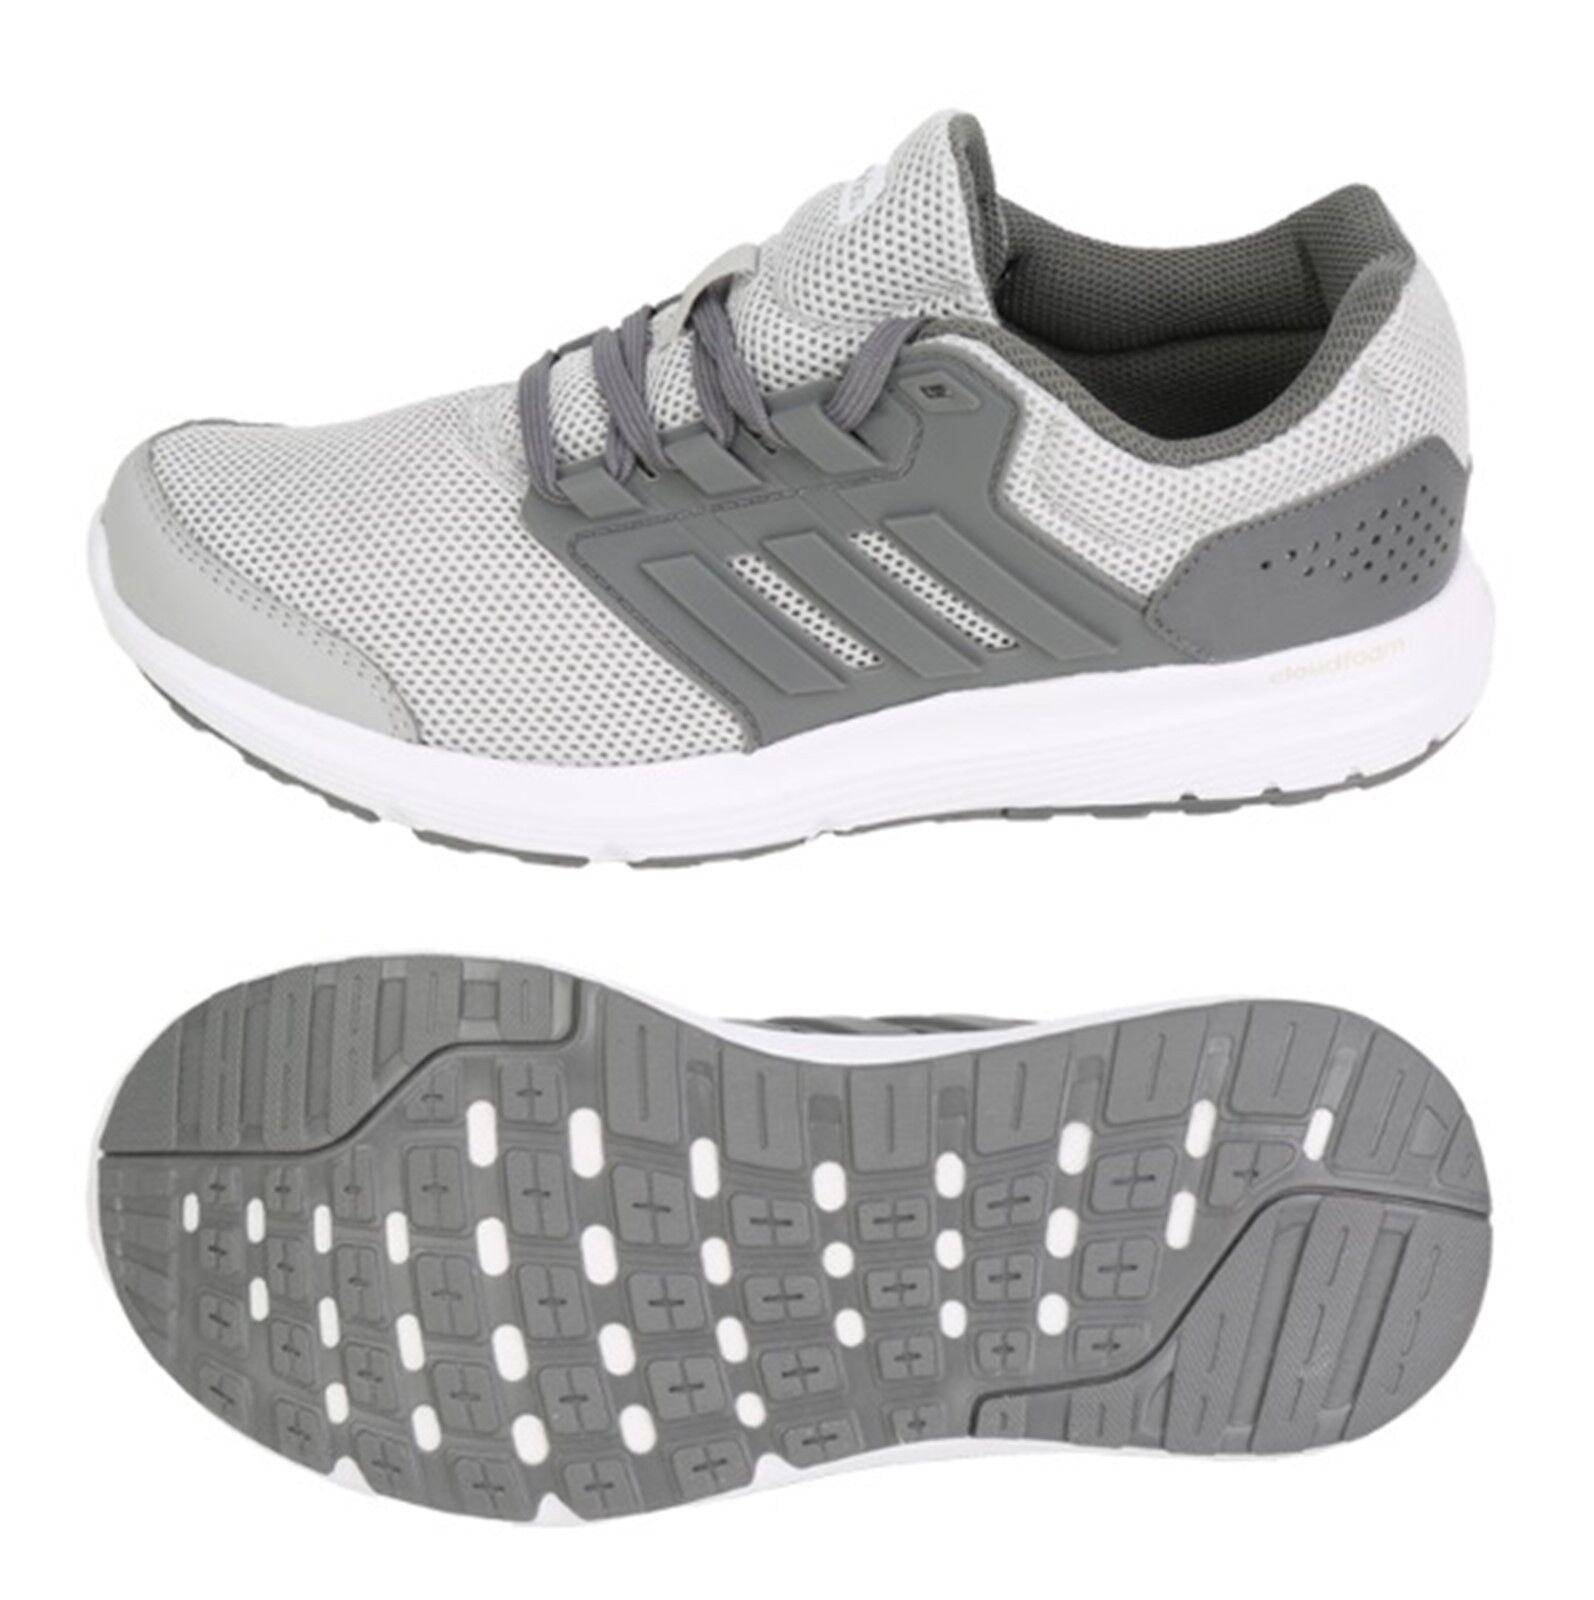 Adidas Zapatos Mujer Galaxy  4 que ejecutan tenis informales de Entrenamiento Zapato CP8834 gris  Envío y cambio gratis.